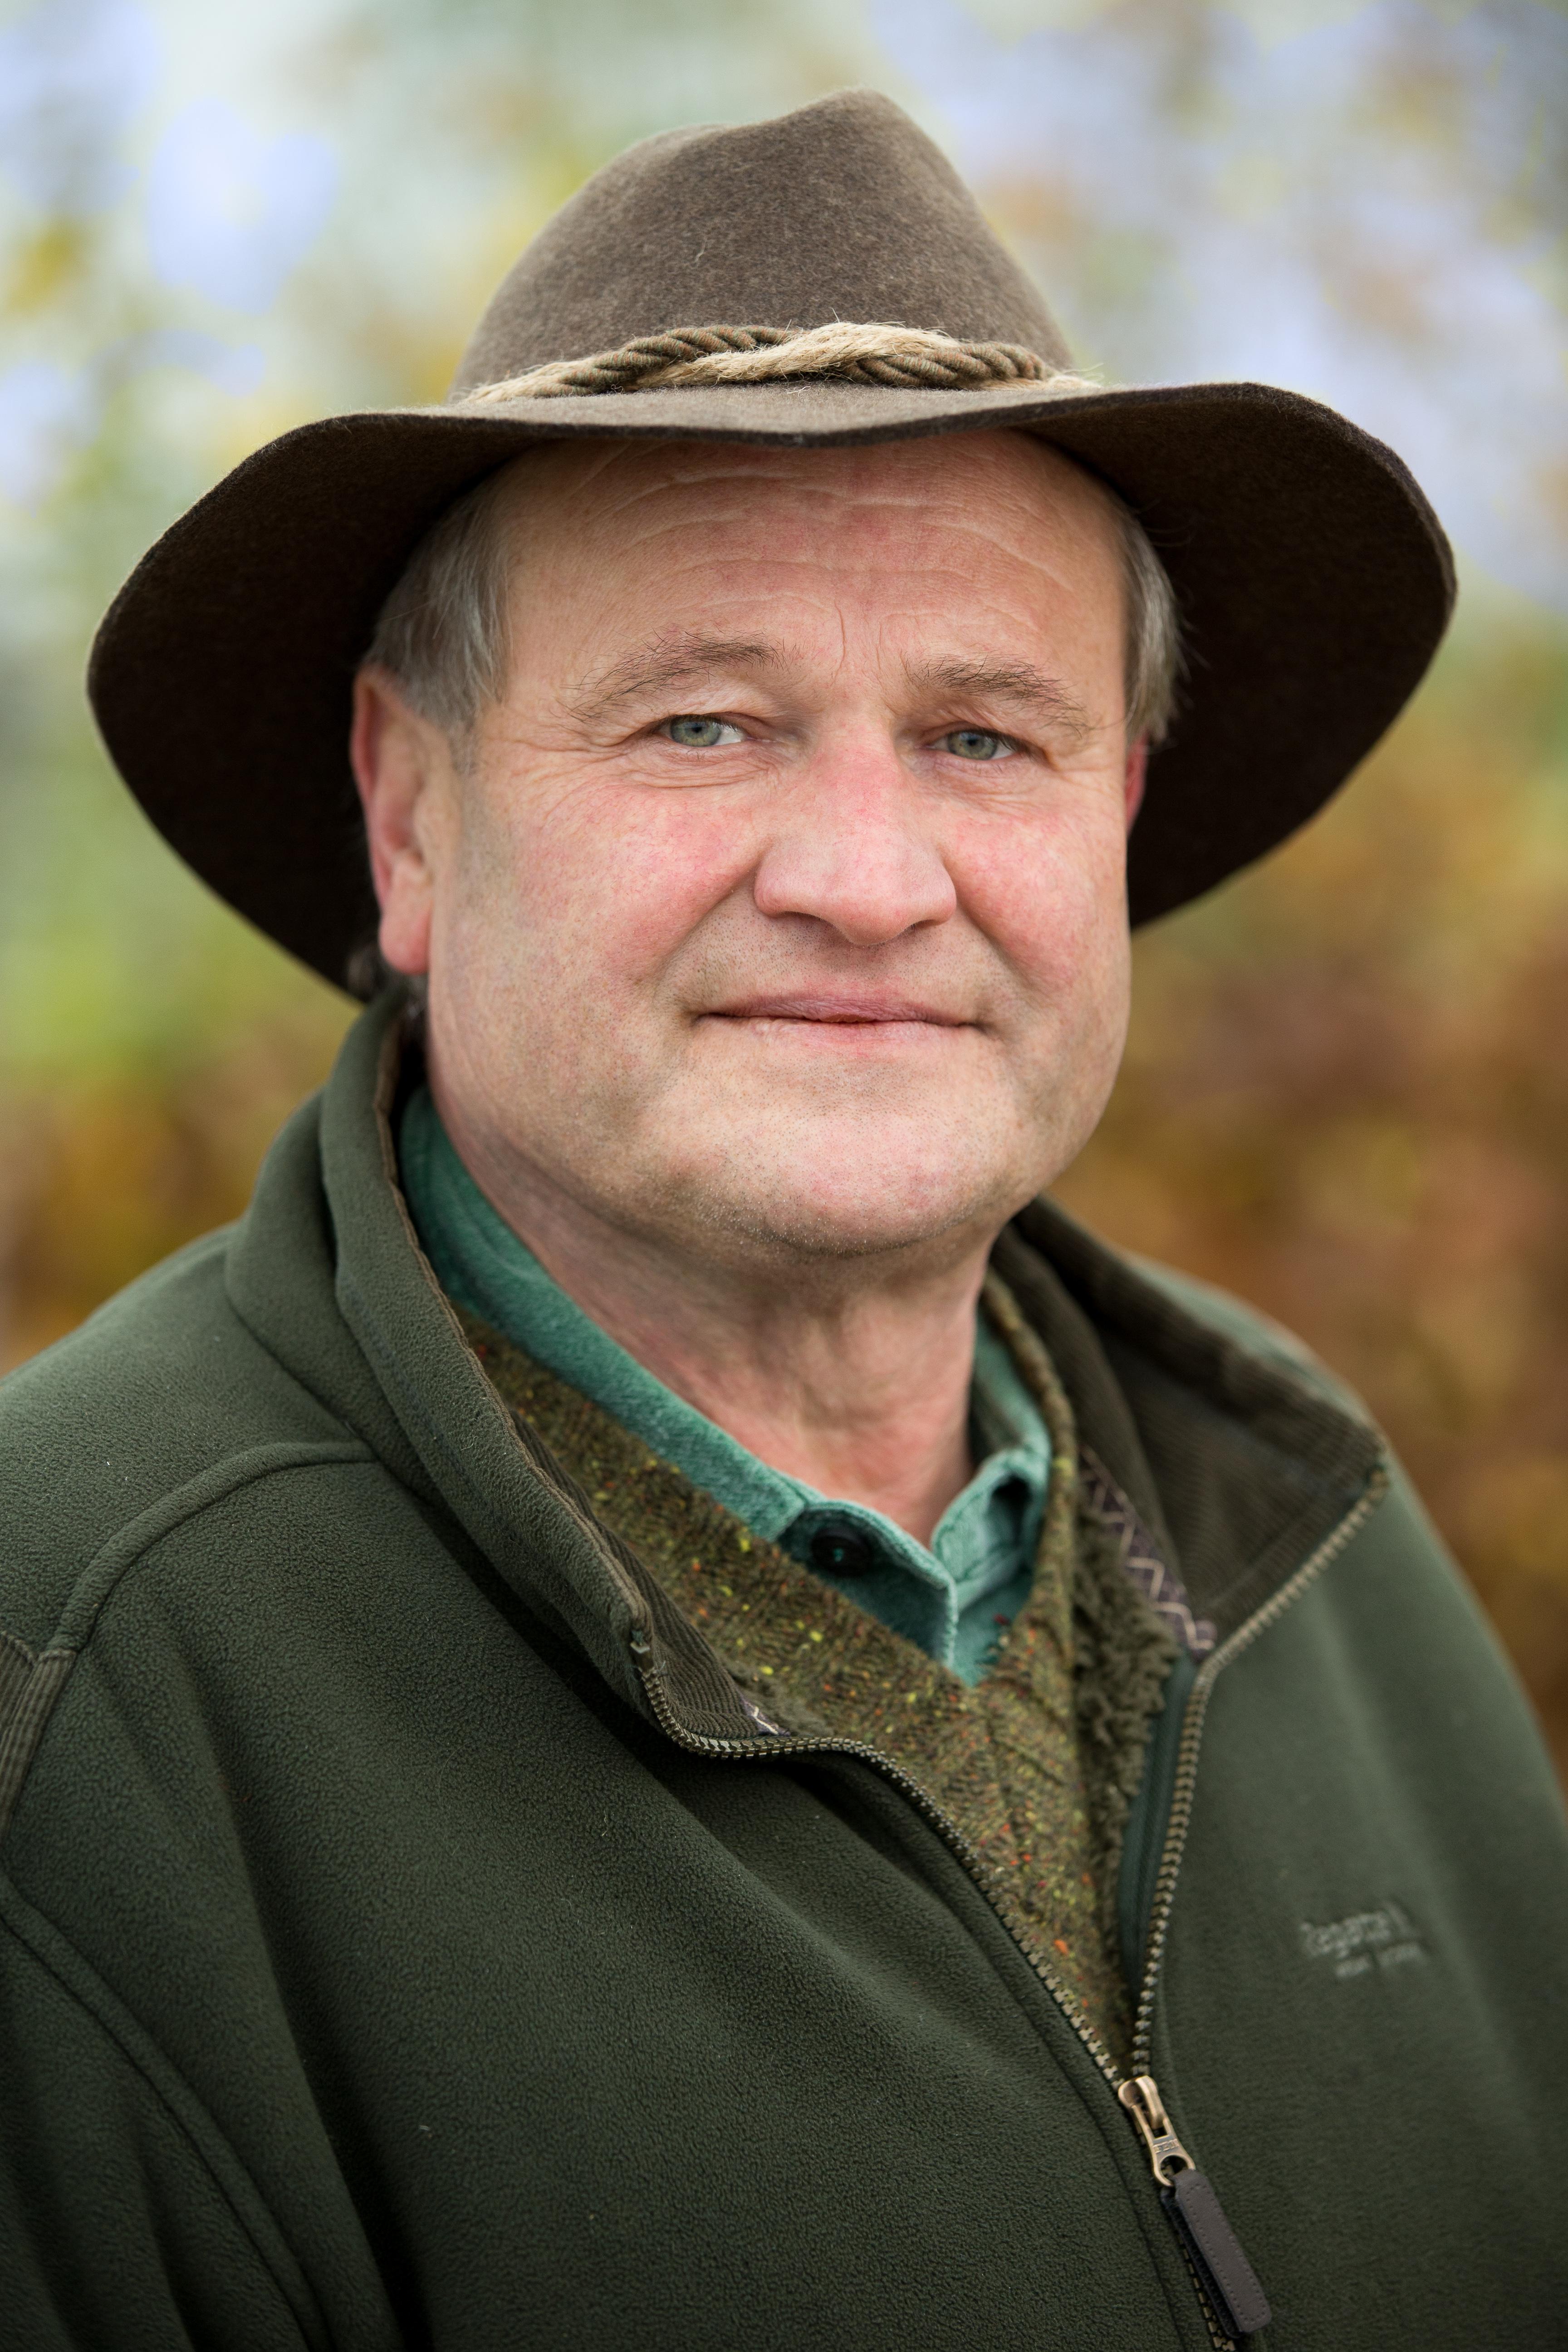 <b>Josef Pfeiffer</b>, Mitglied der Einigkeit Hallbergmoos-Goldach e.V. - Pfeifer